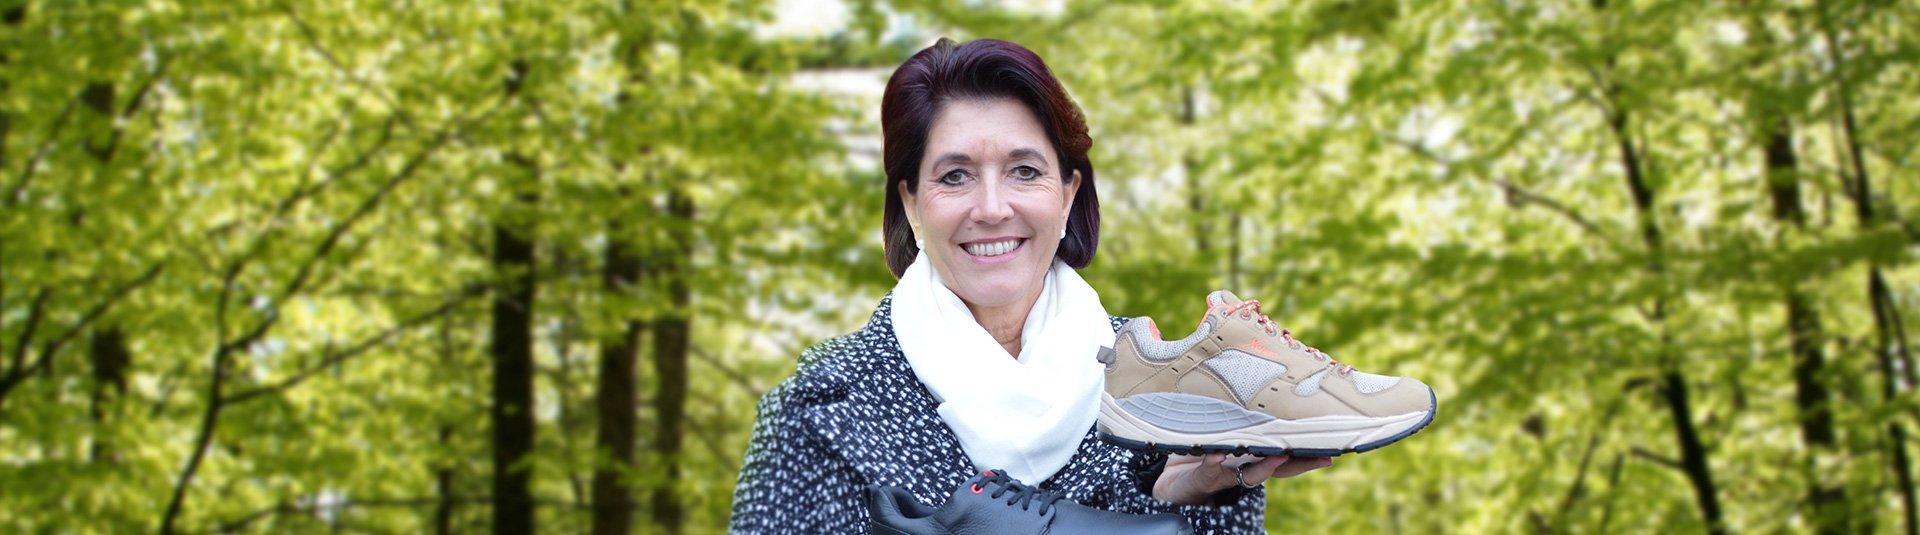 Der gesunde, sportliche Schuh mit Klettverschluss - Xelero